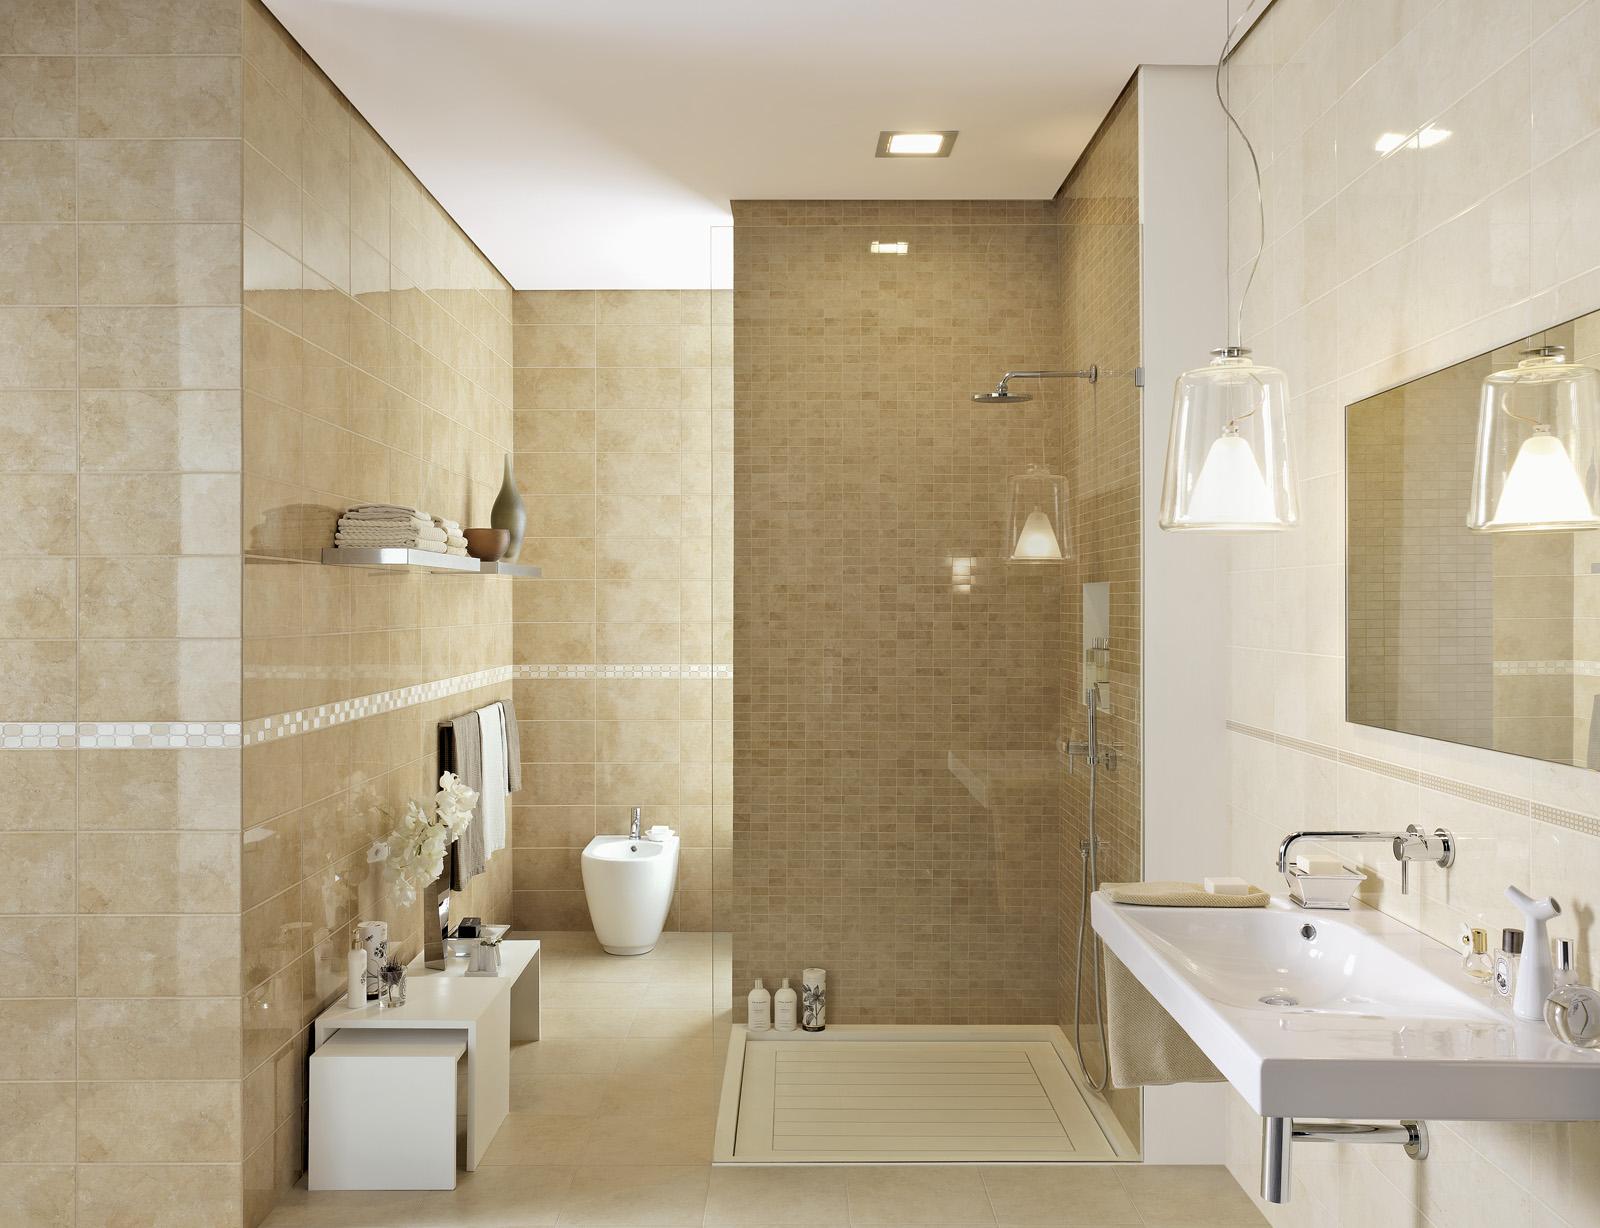 Rivestimento bagno marmo classico interno di casa smepool.com